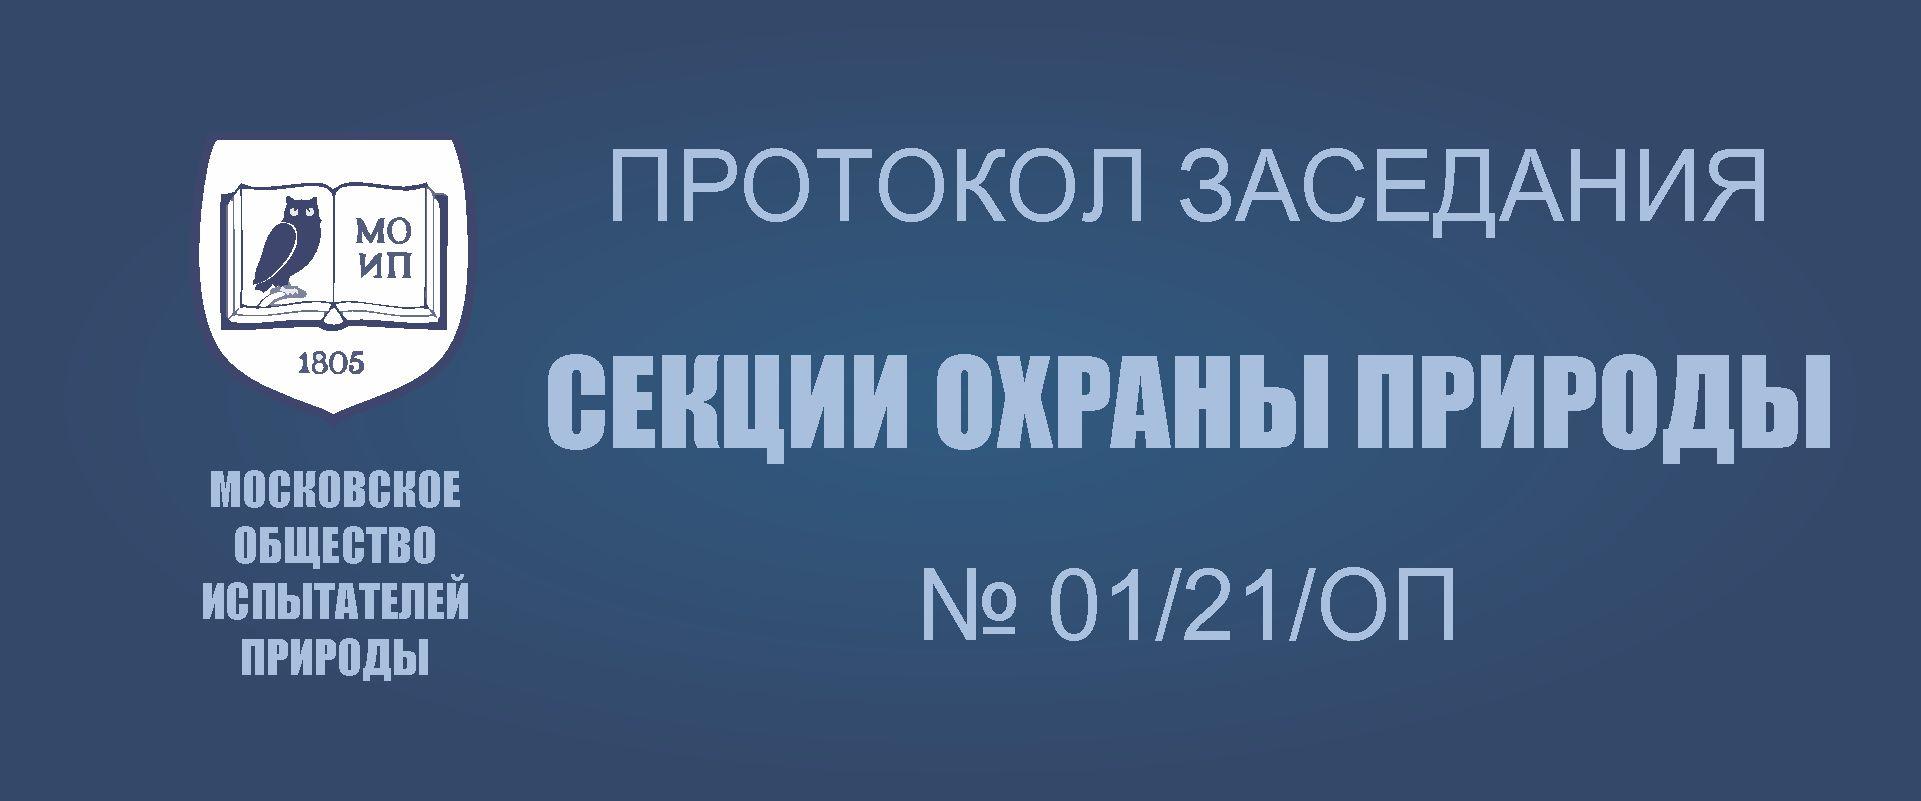 ПРОТОКОЛ № 01/21/ОП заседания секции «ОХРАНЫ ПРИРОДЫ» МОИП от 12 мая 2020 г.